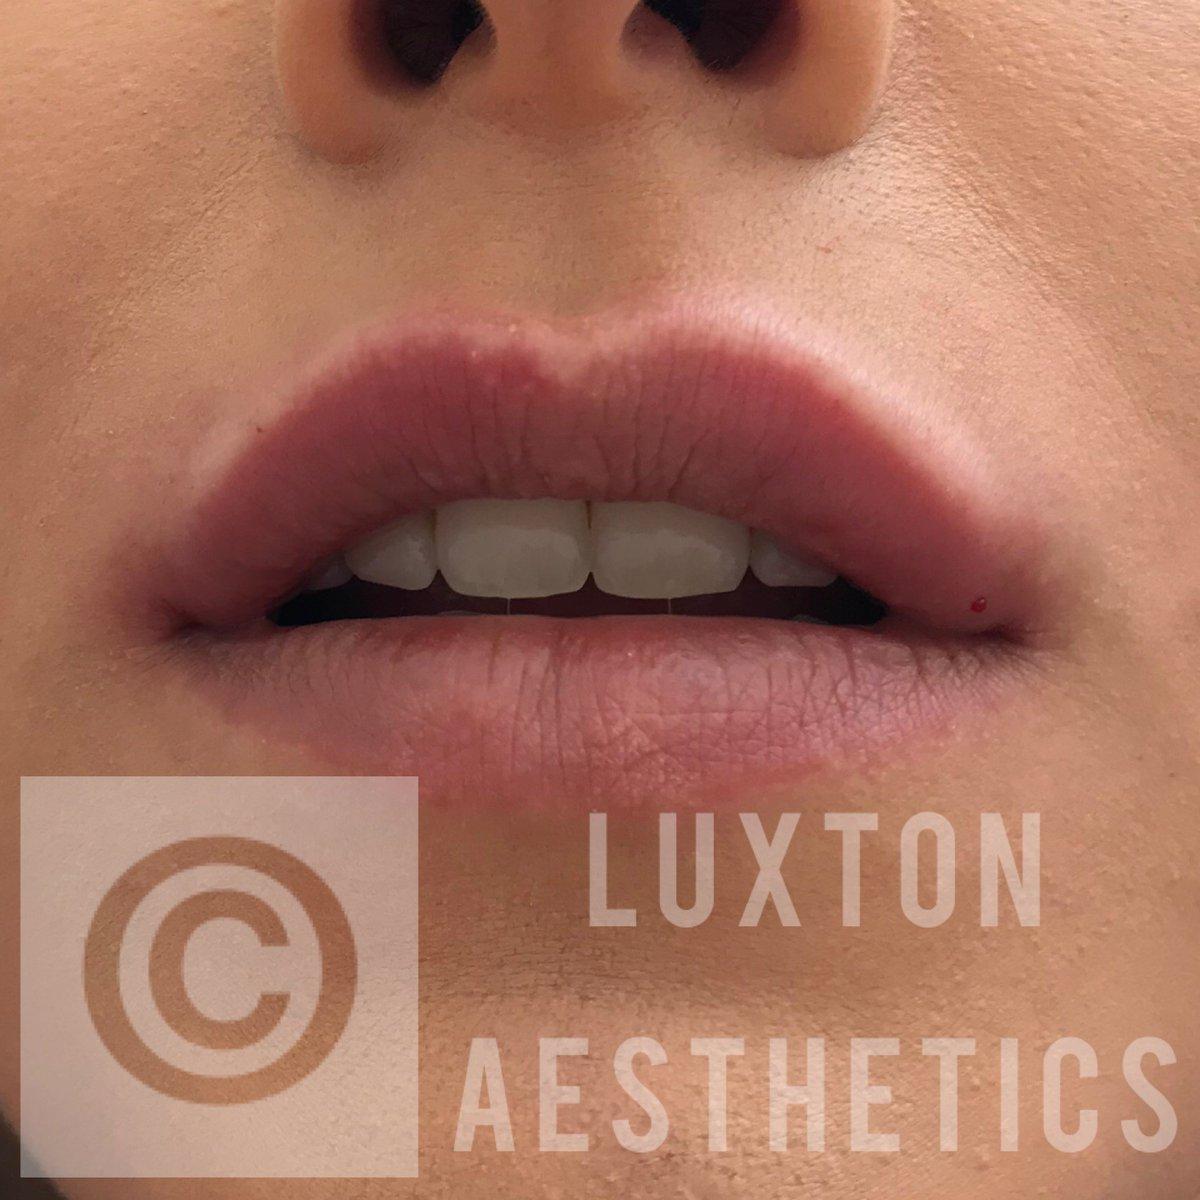 Luxton Aesthetics (@LuxtonAesthetic) | Twitter